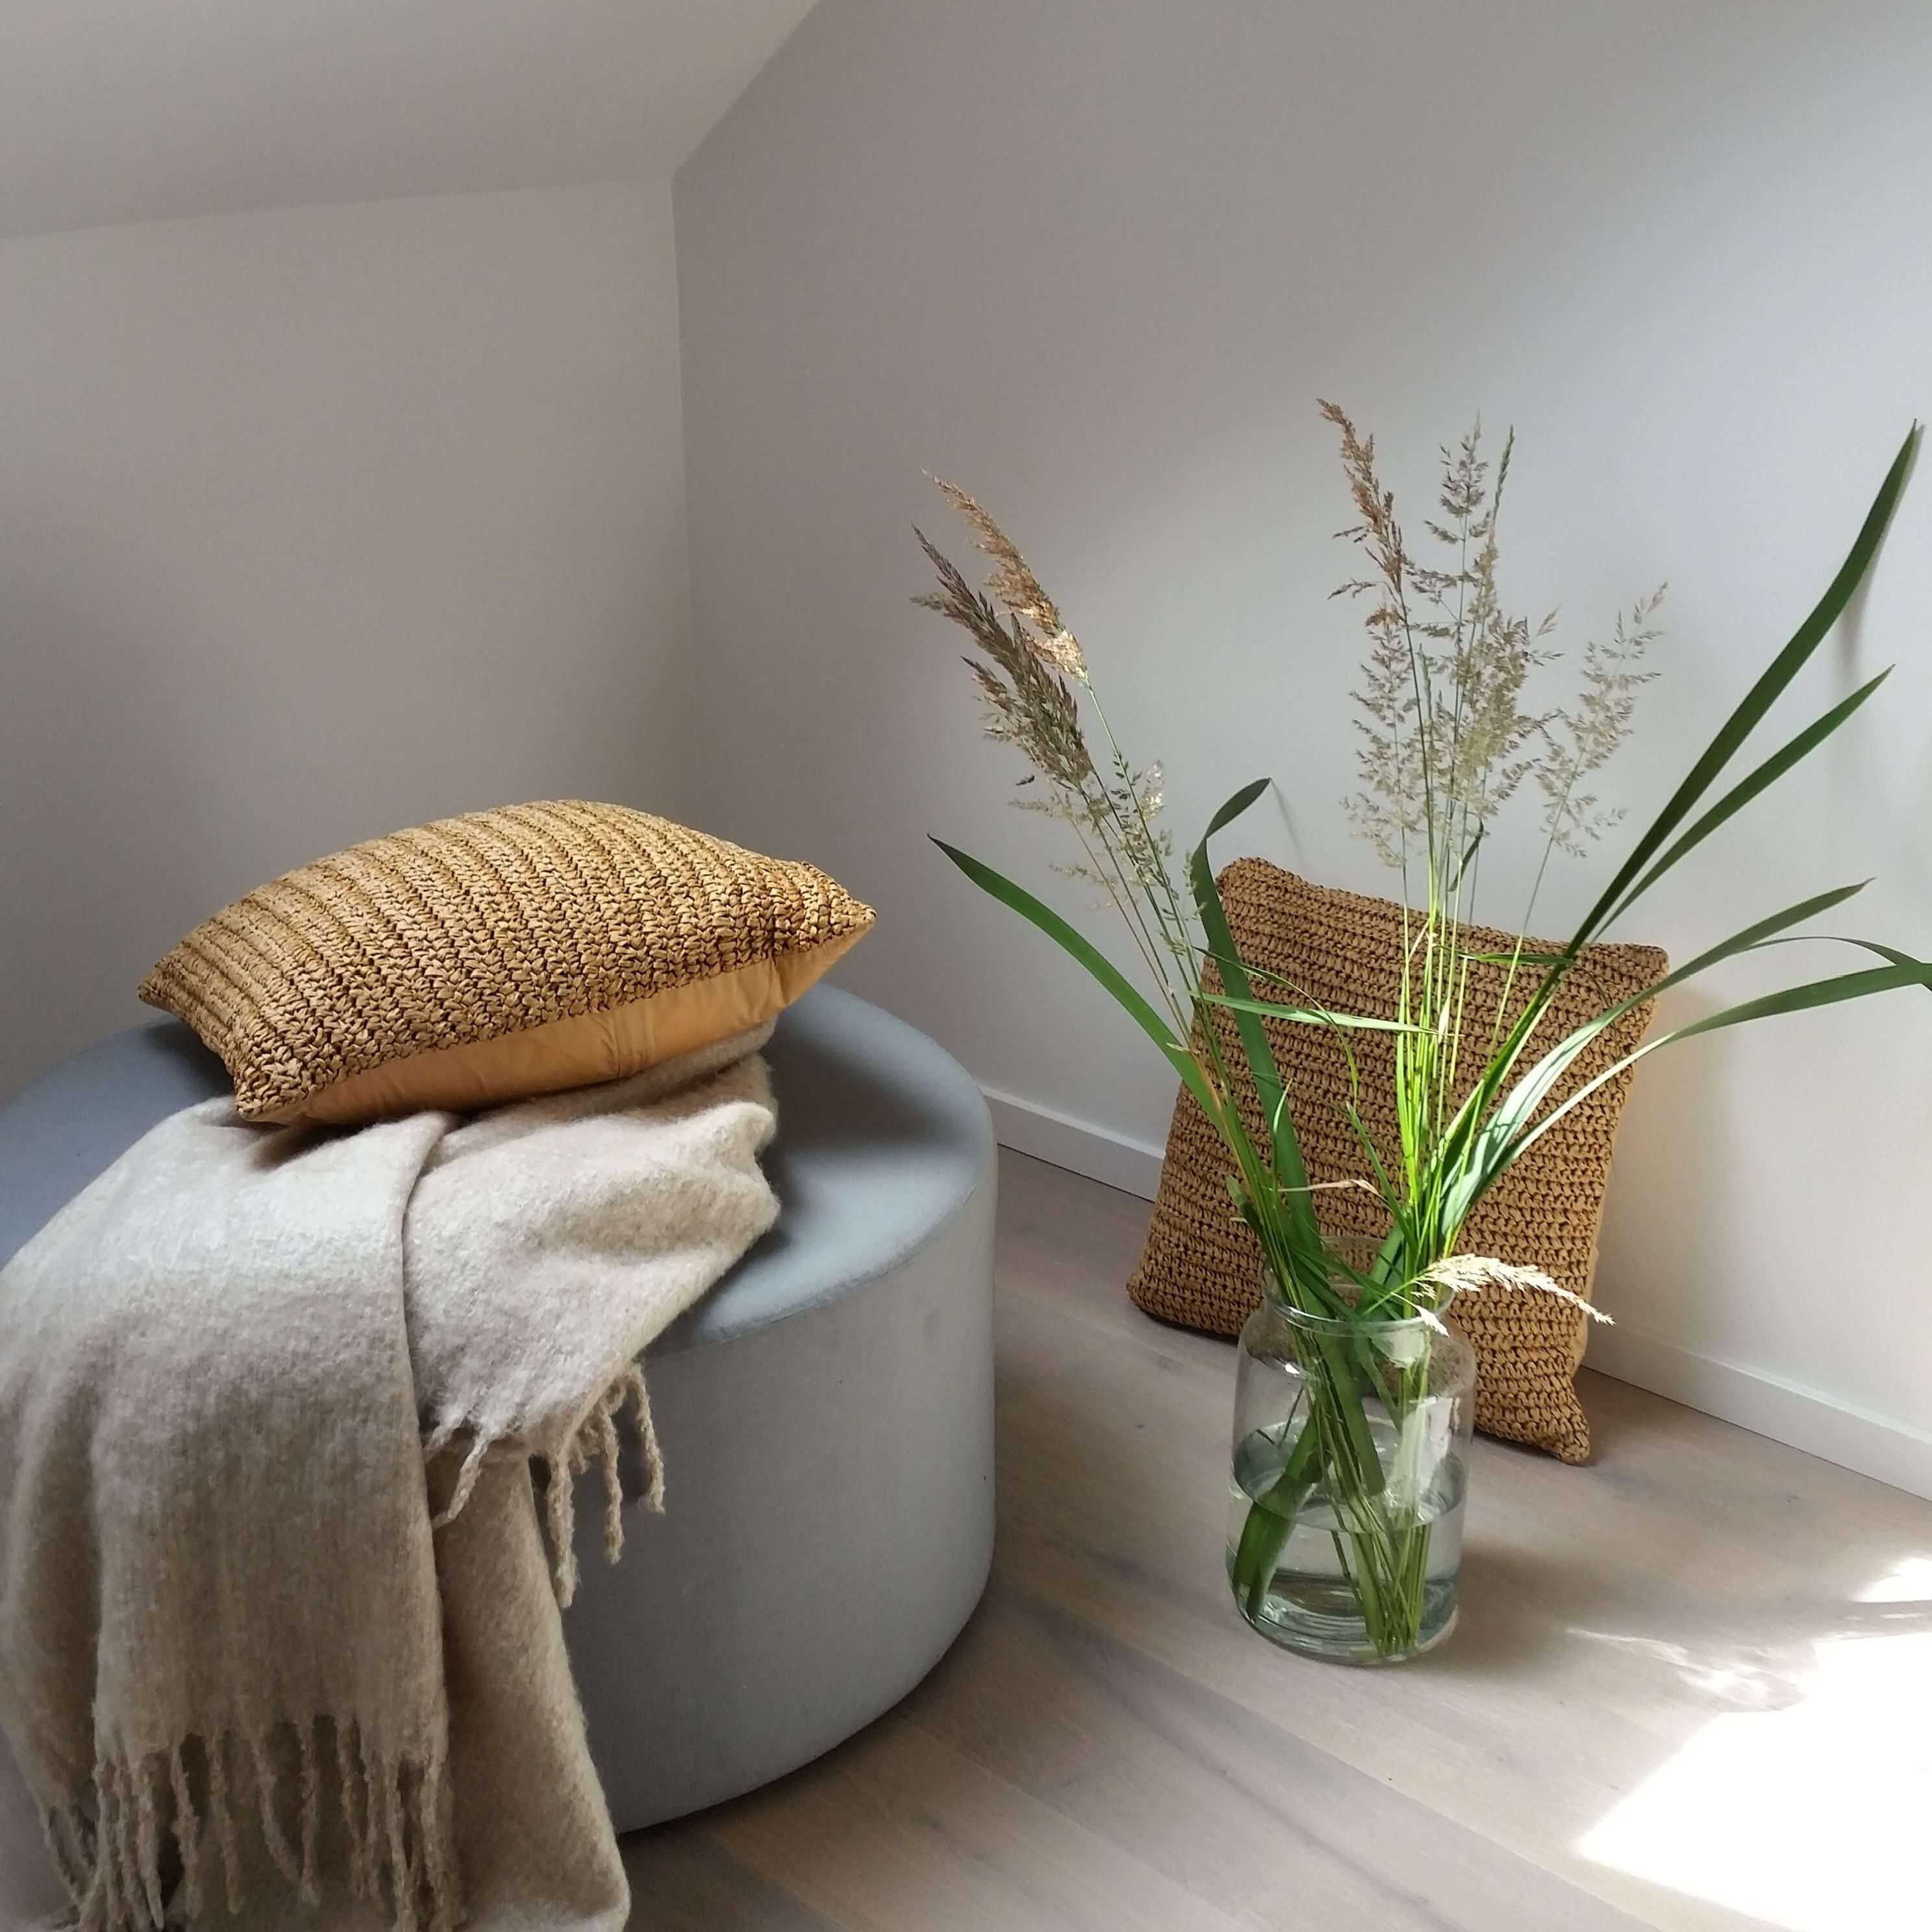 att inreda med växter eller gräs i vas